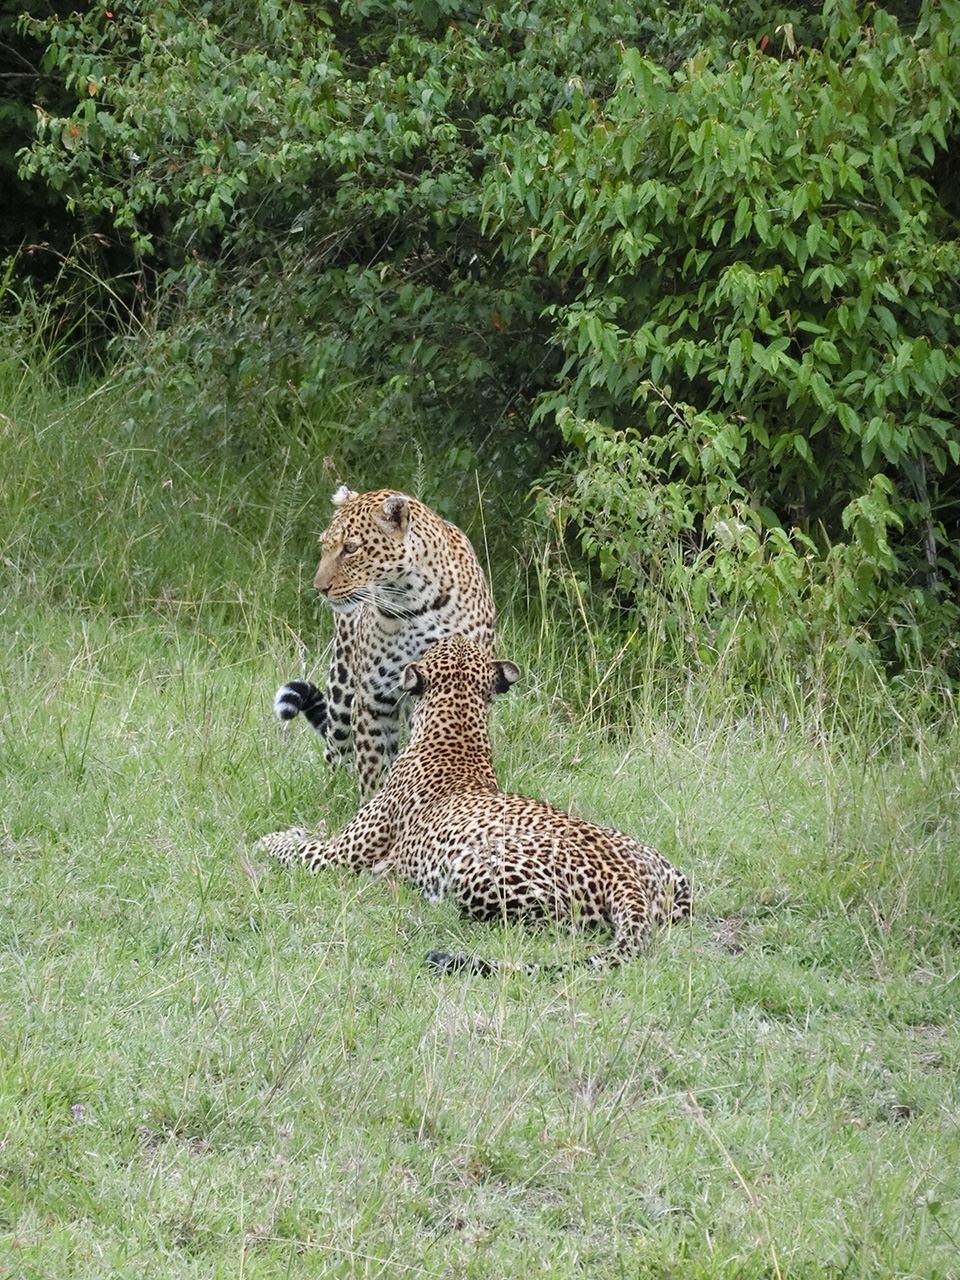 お母さんが子供に「大丈夫、怖くないよ。」と出てくるように誘導しているようで、その後親子がじゃれ合っている光景は、ガイドさんもびっくりの激レアショットとのこと。ケニア初訪問で「ビッグ5」を制覇できて本当にラッキーでした。